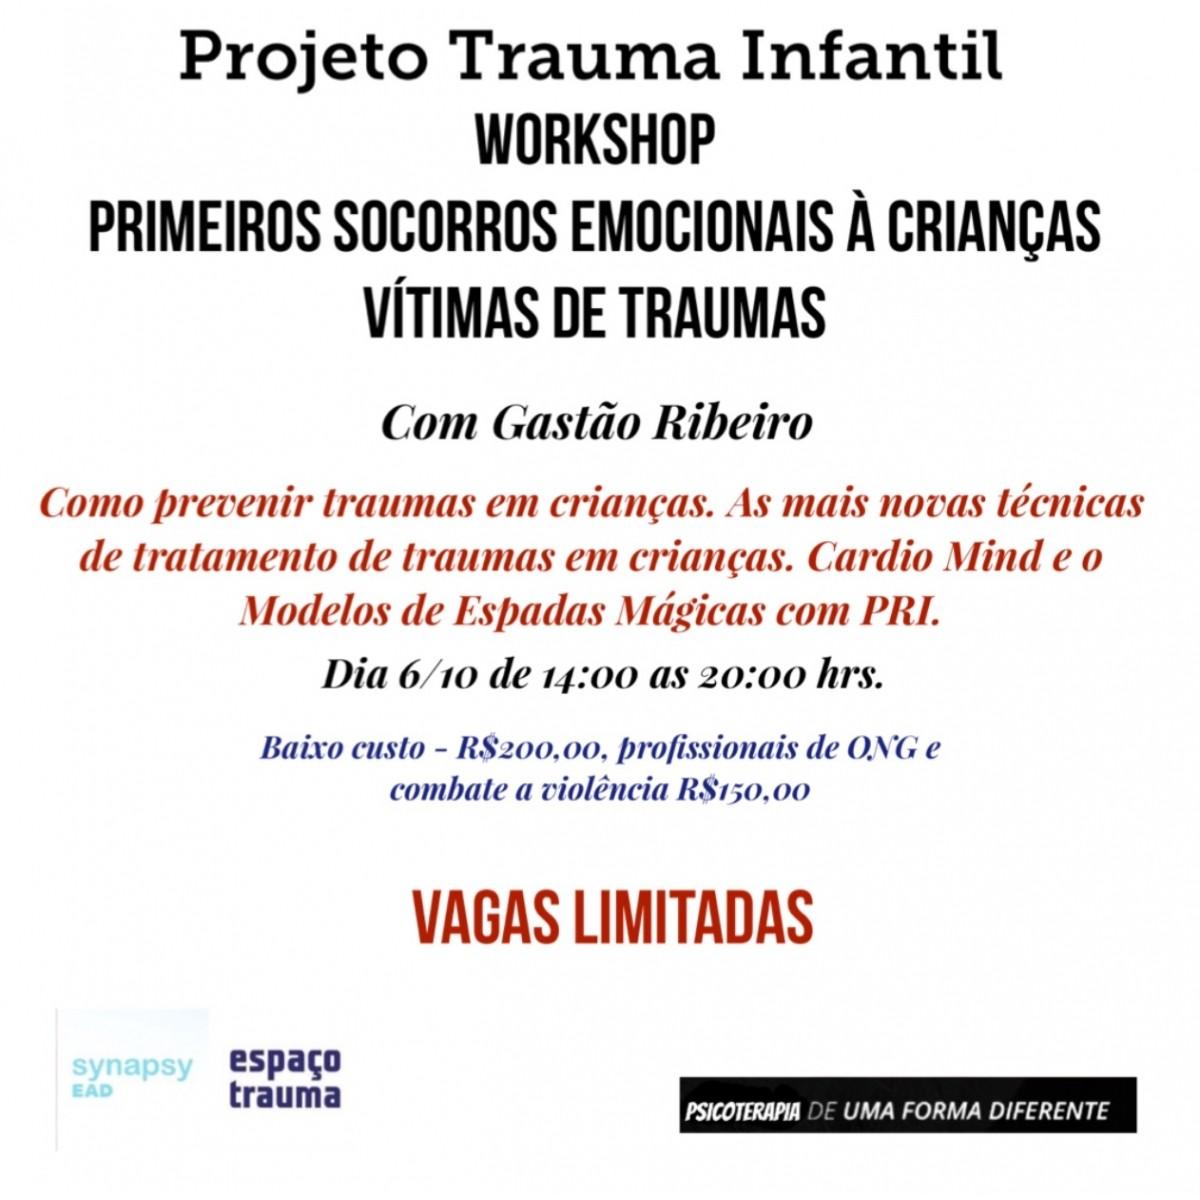 Primeiros Socorros Emocionais com Crianças Traumatizadas